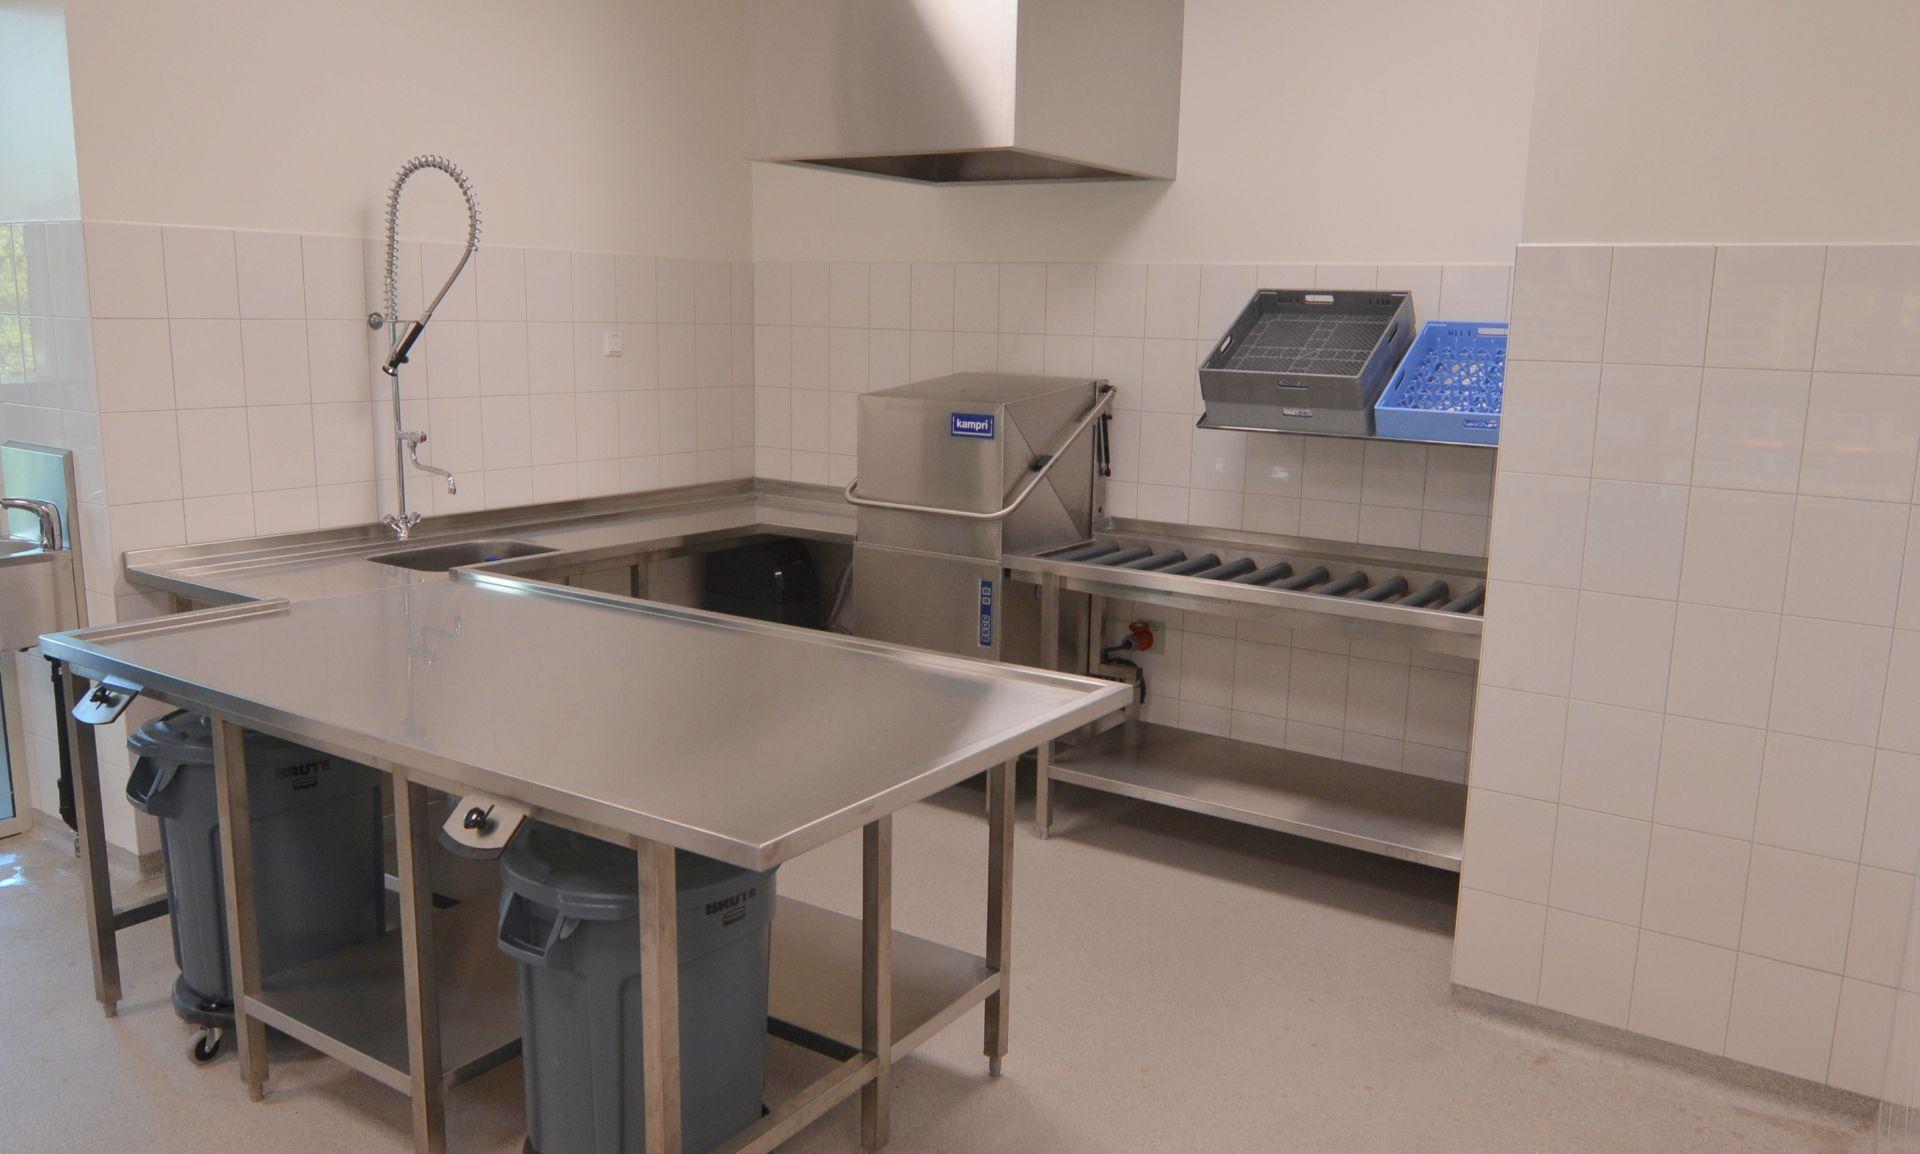 Kooklokaal school